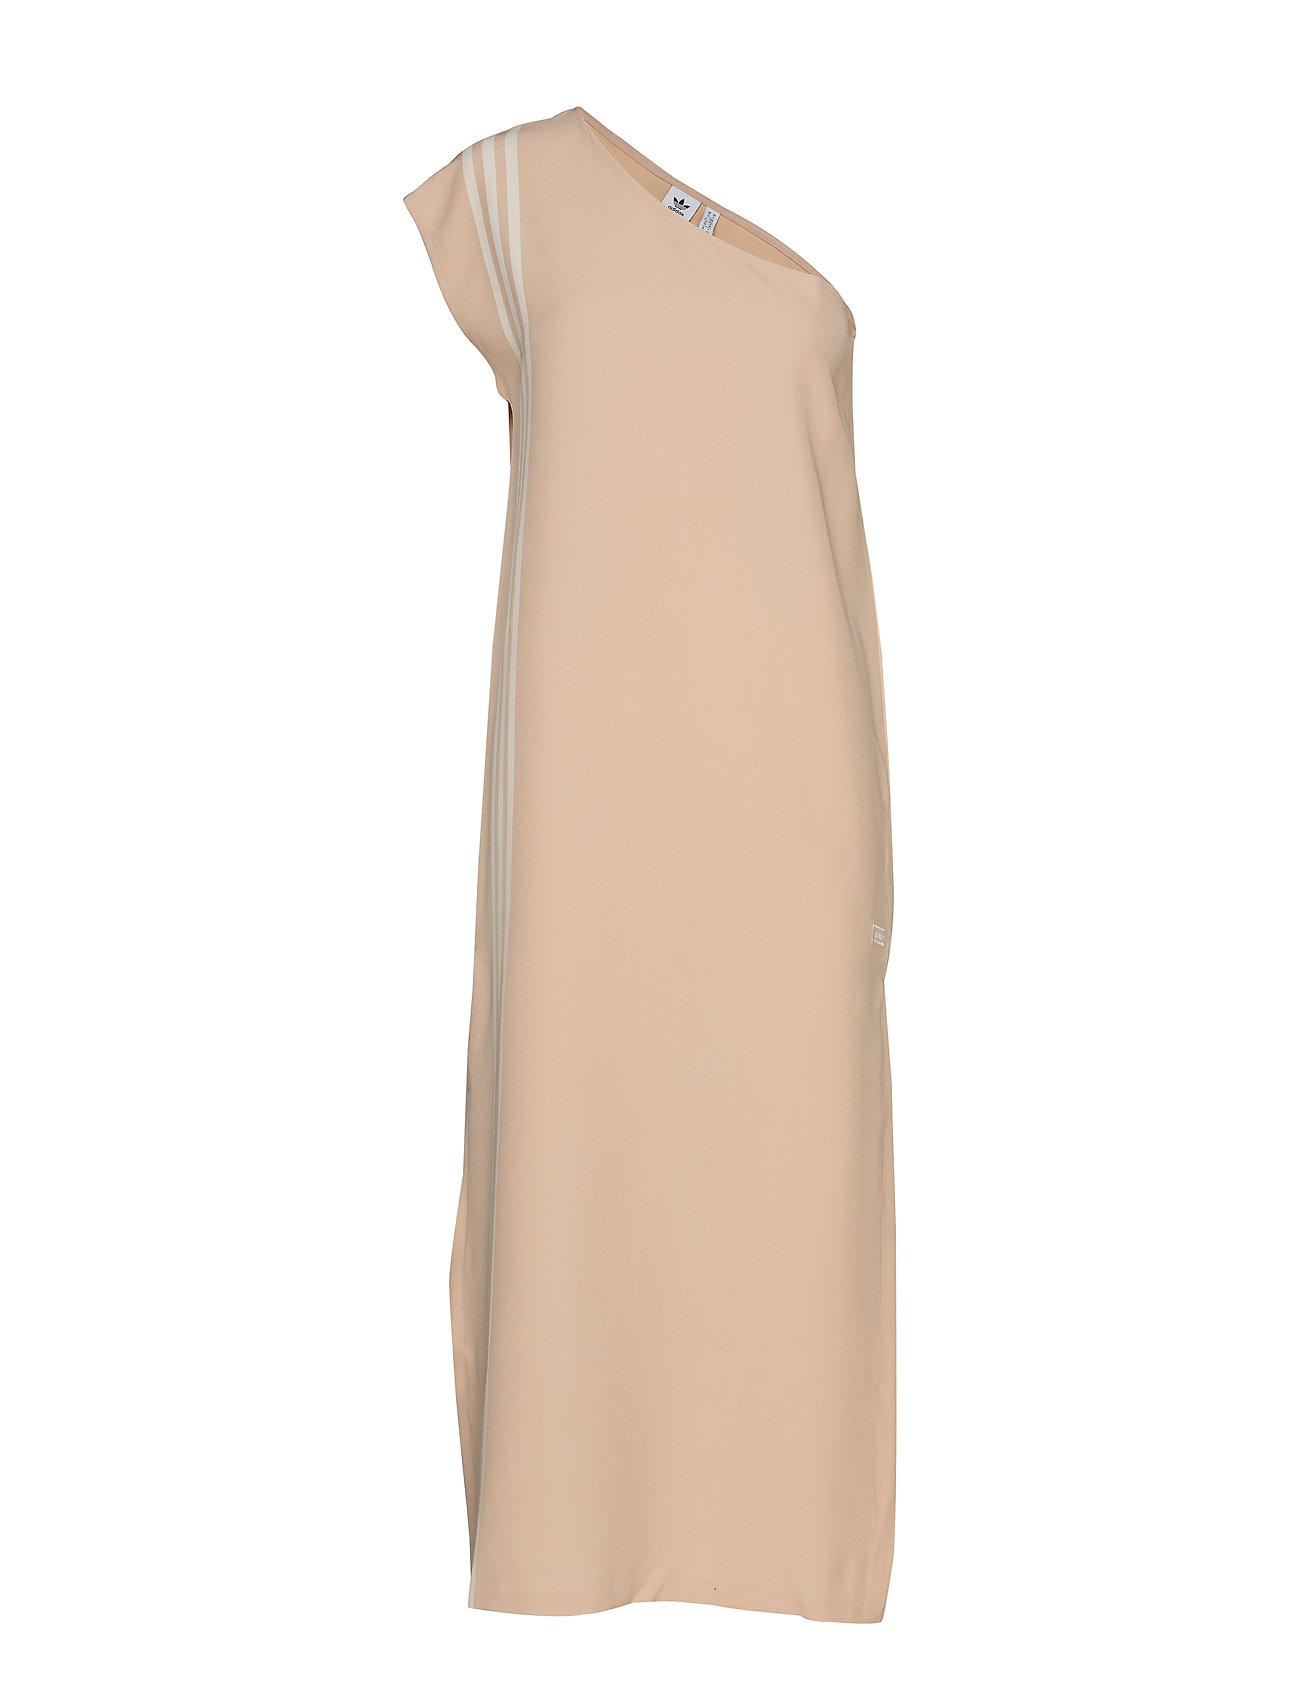 adidas Originals TLRD DRESS - ASHPEA